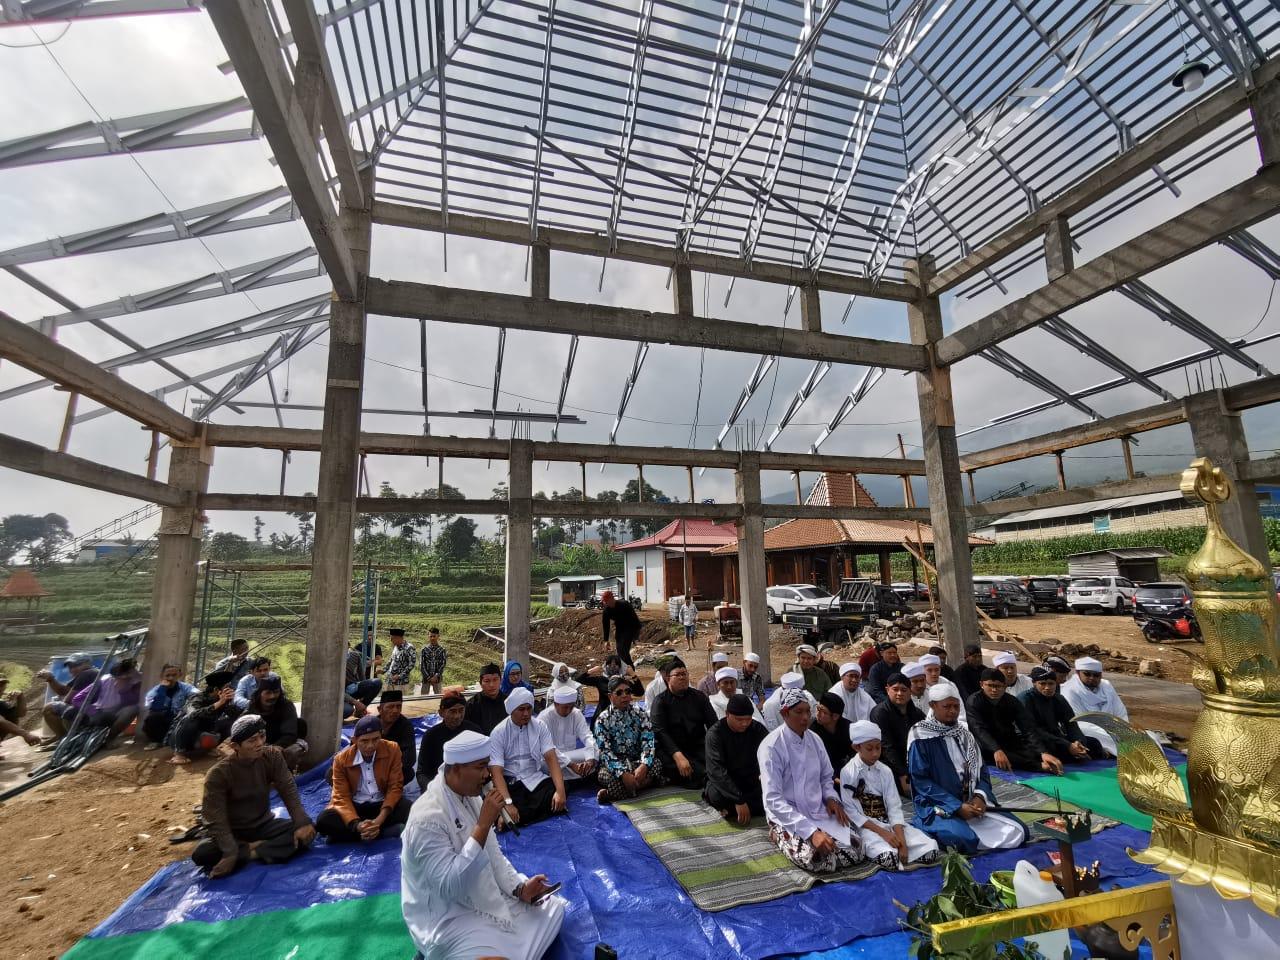 Upacara Adat Munggah Mustaka Masjid Panepen Yayasan Bimasakti Peduli Negeri